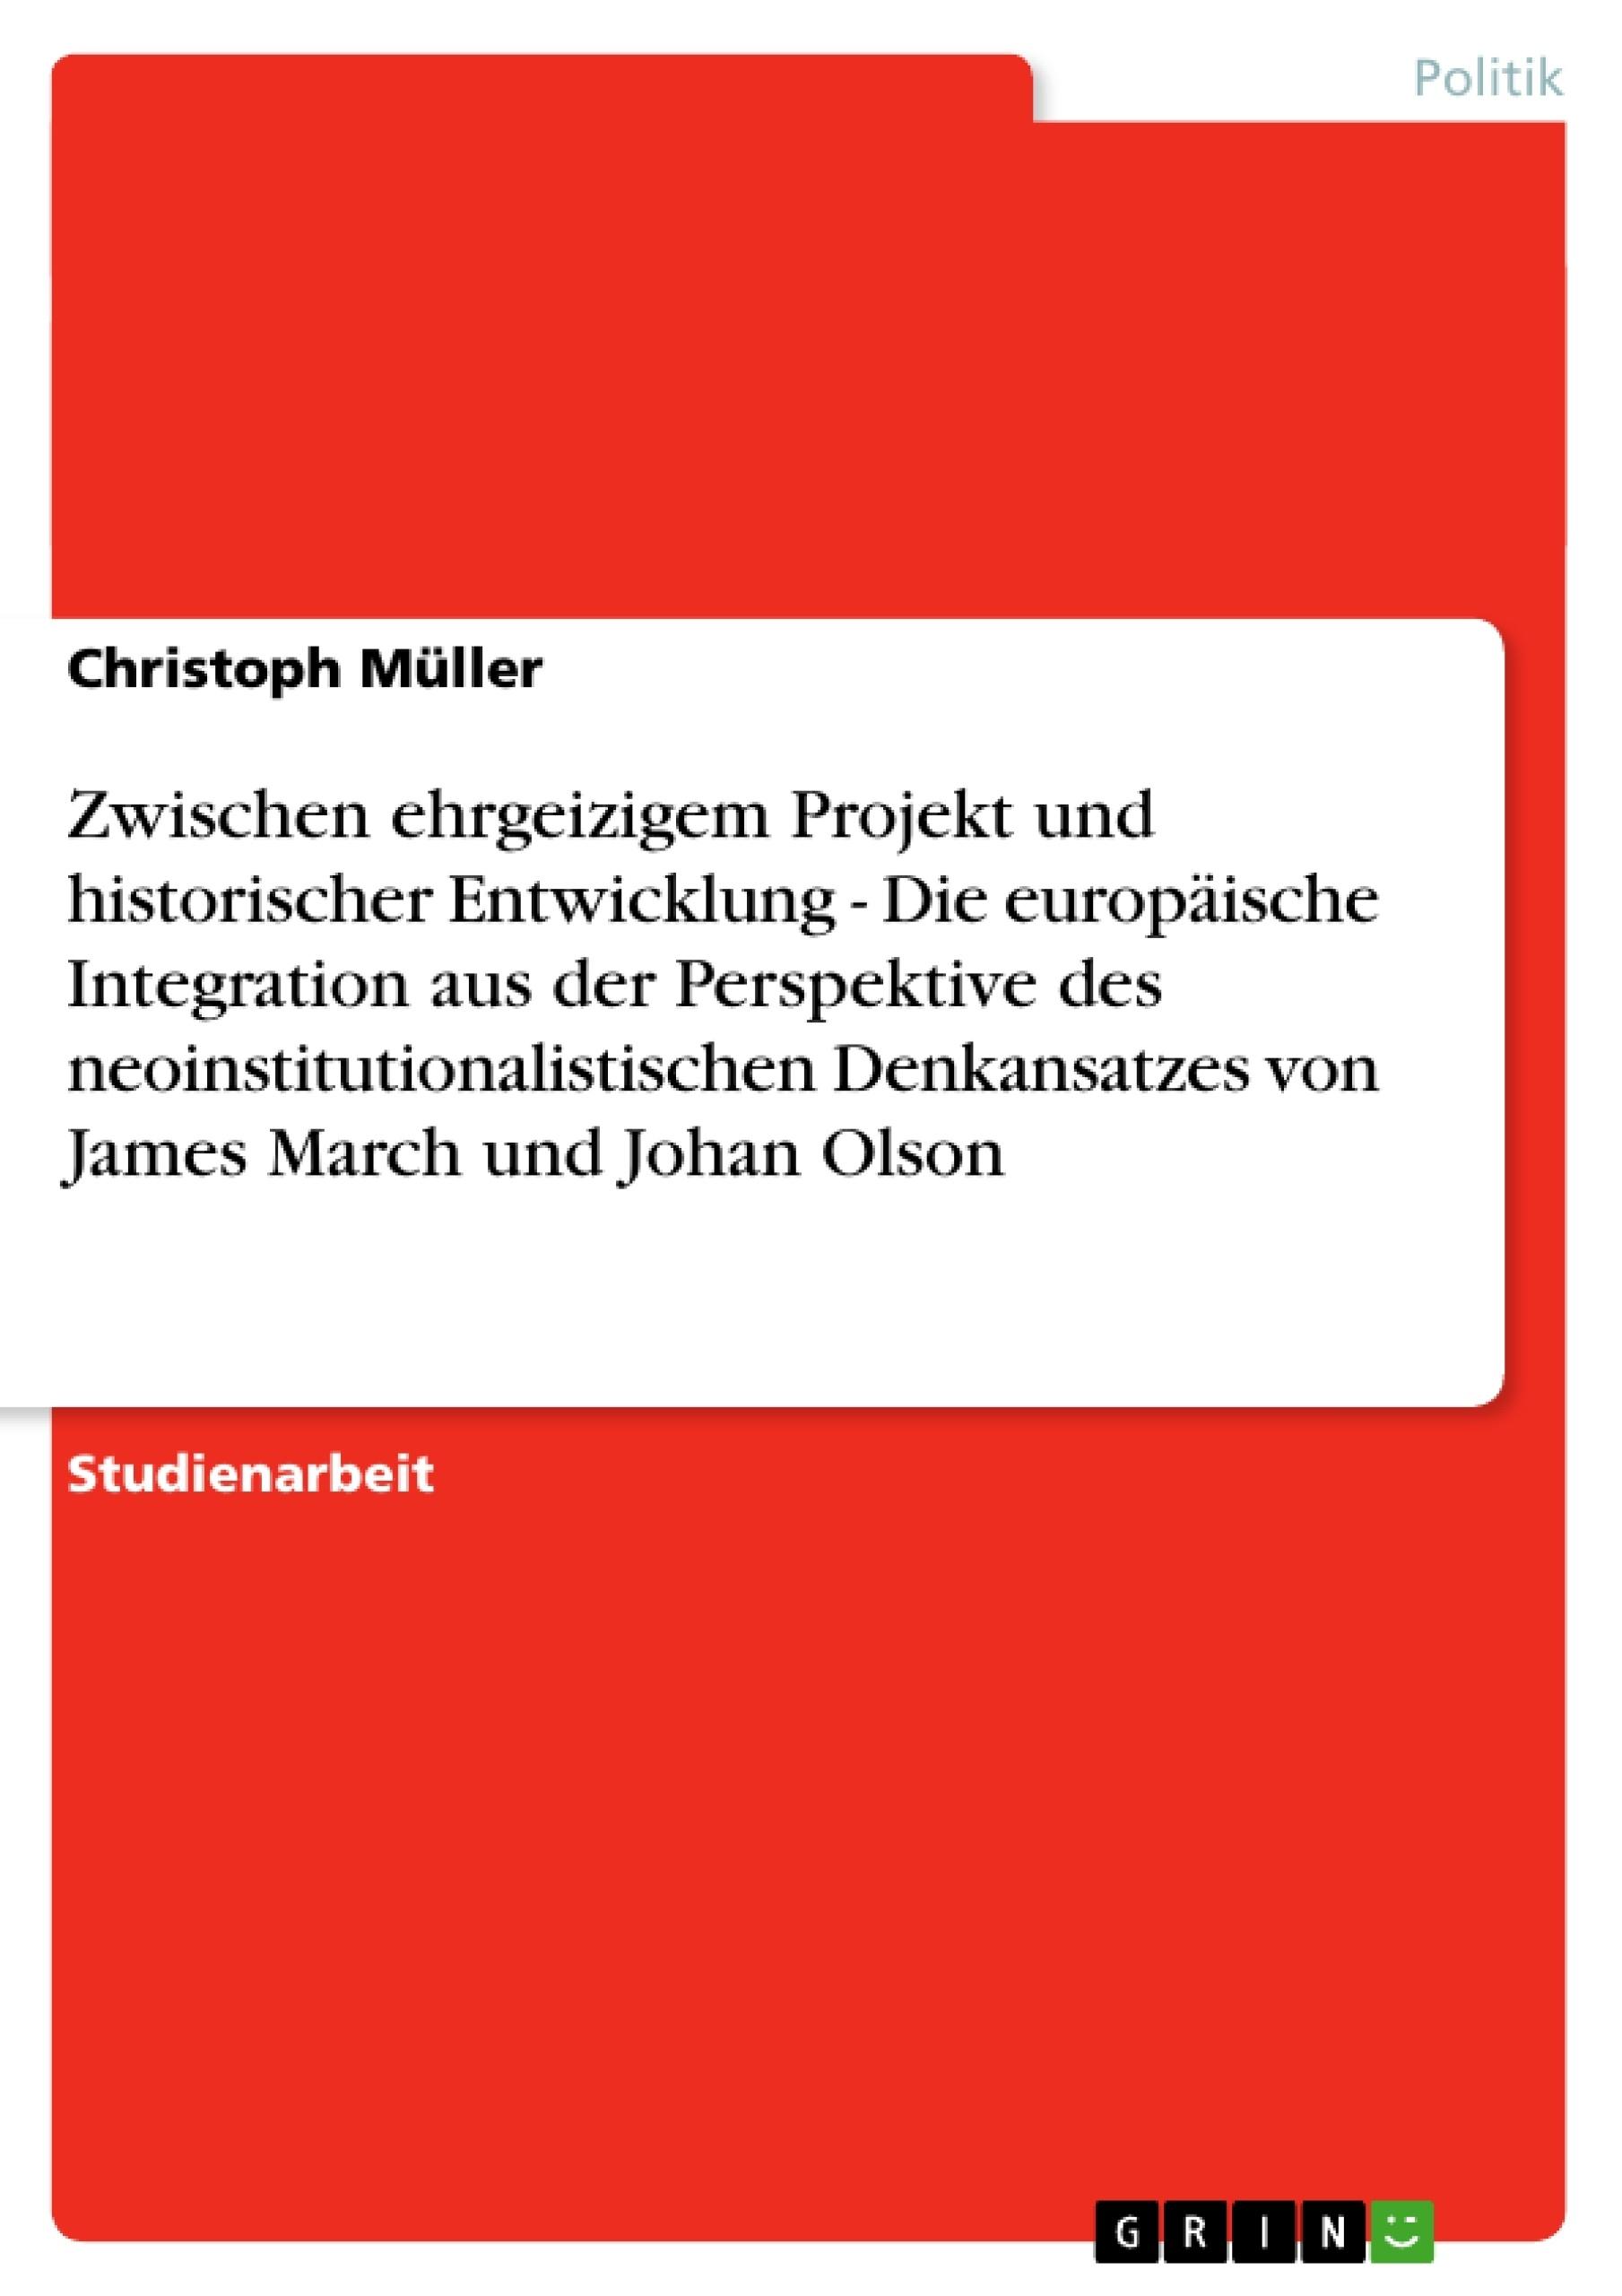 Titel: Zwischen ehrgeizigem Projekt und historischer Entwicklung - Die europäische Integration aus der Perspektive des neoinstitutionalistischen Denkansatzes von James March und Johan Olson